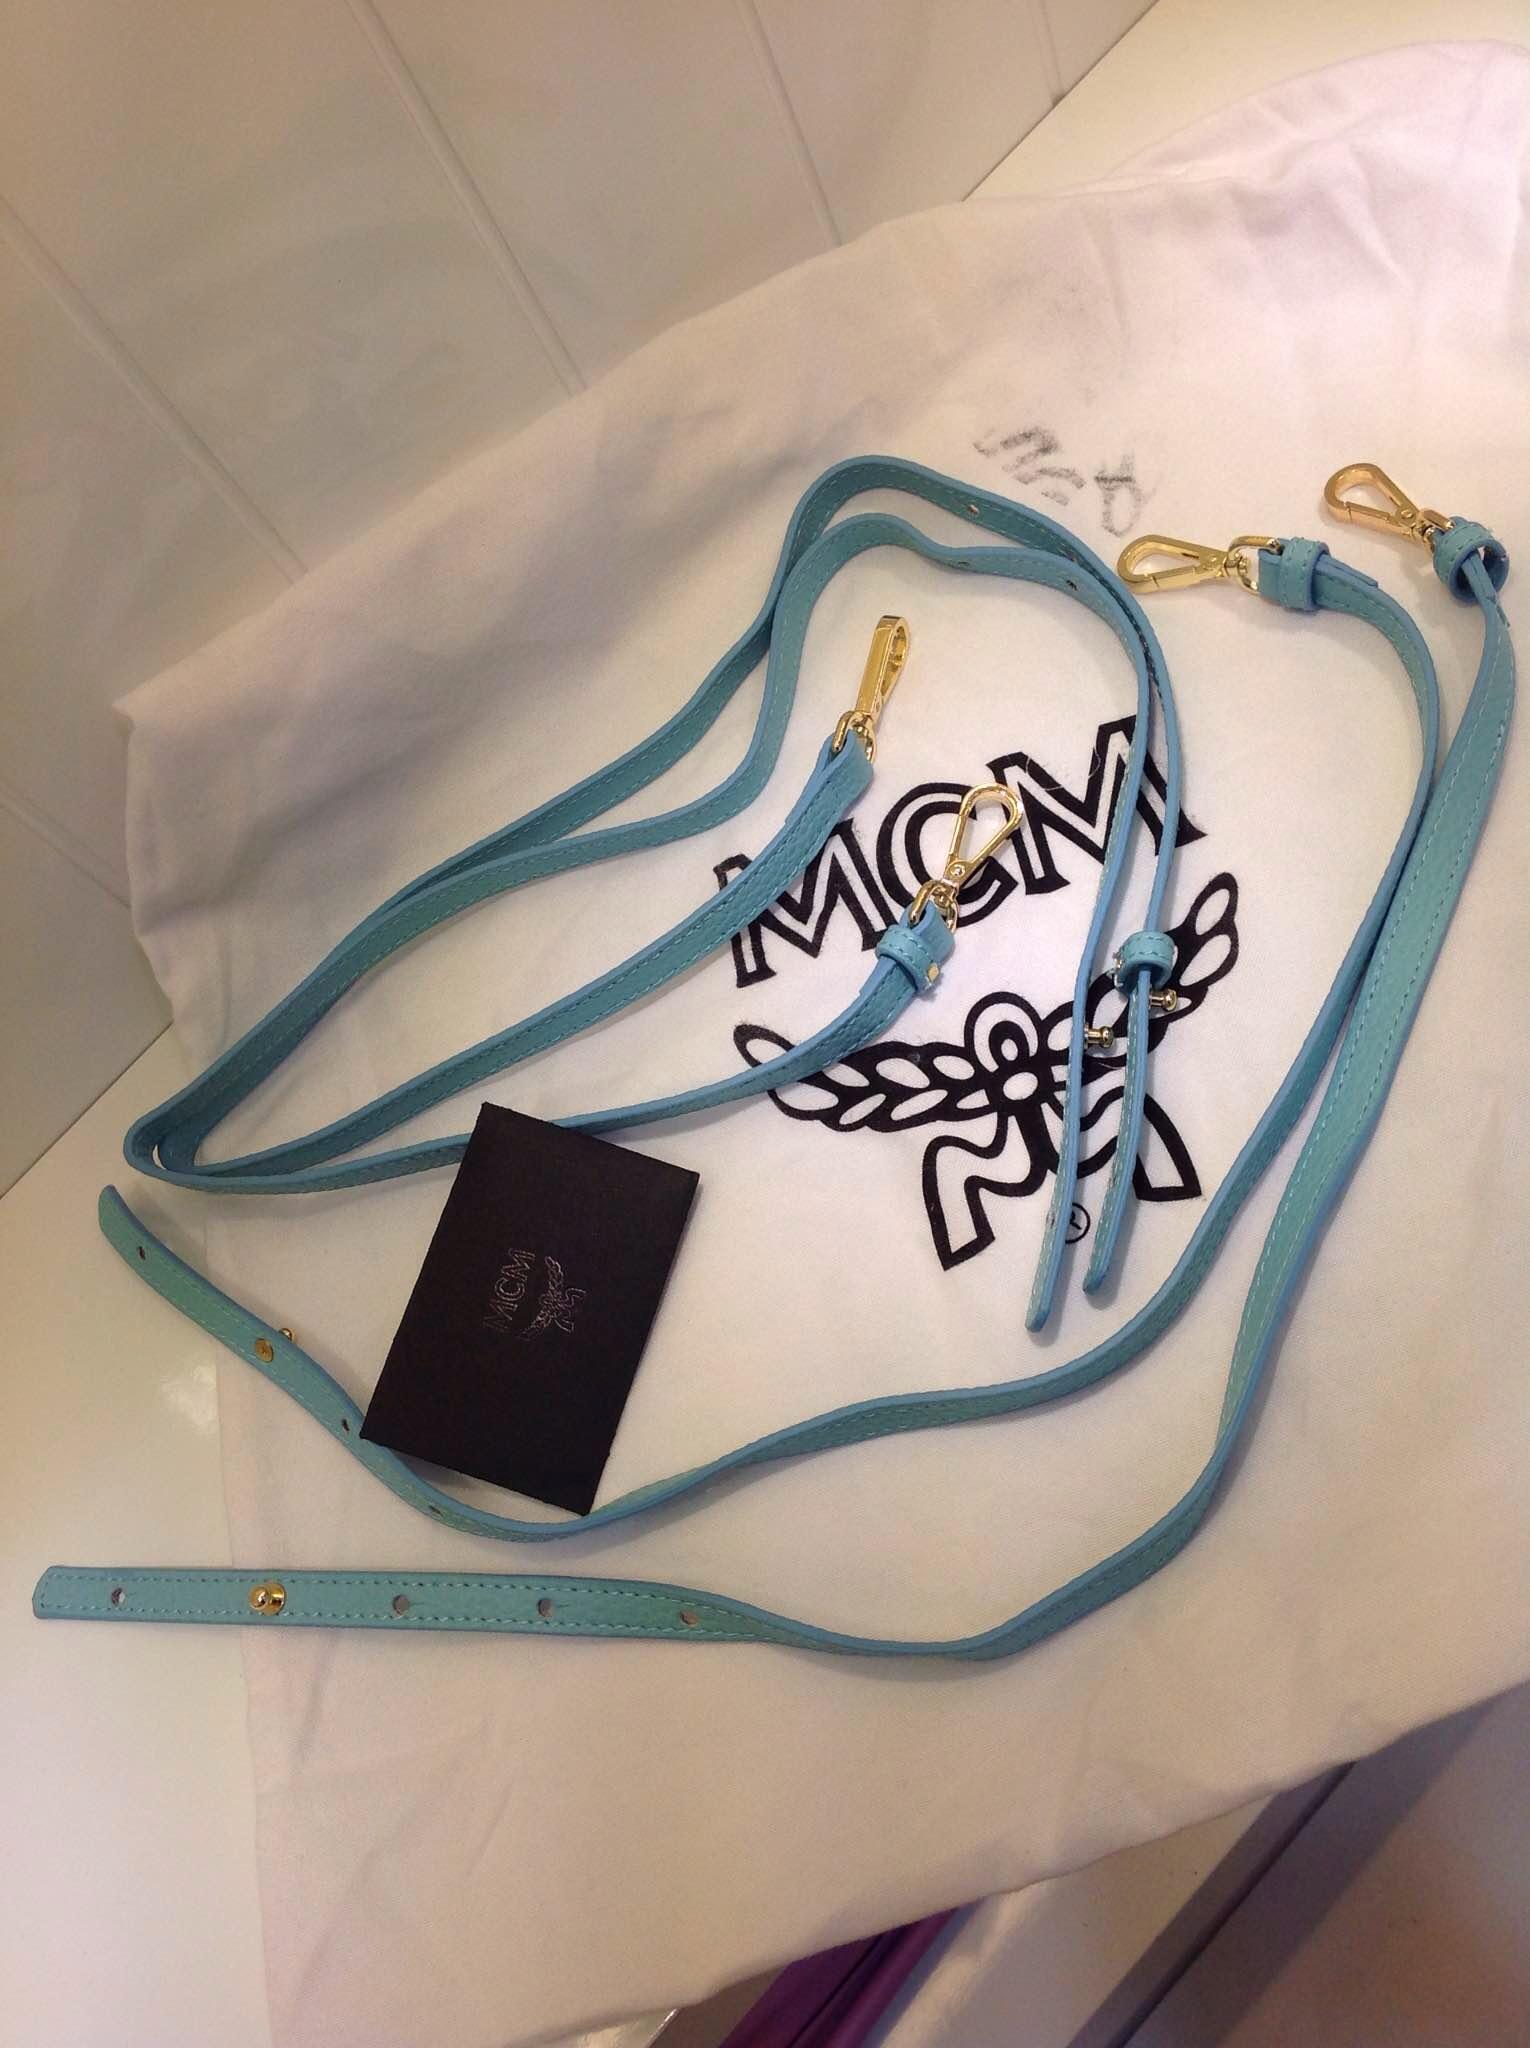 2015新款 MCM双肩包 斜挎包 湖水蓝 原版皮